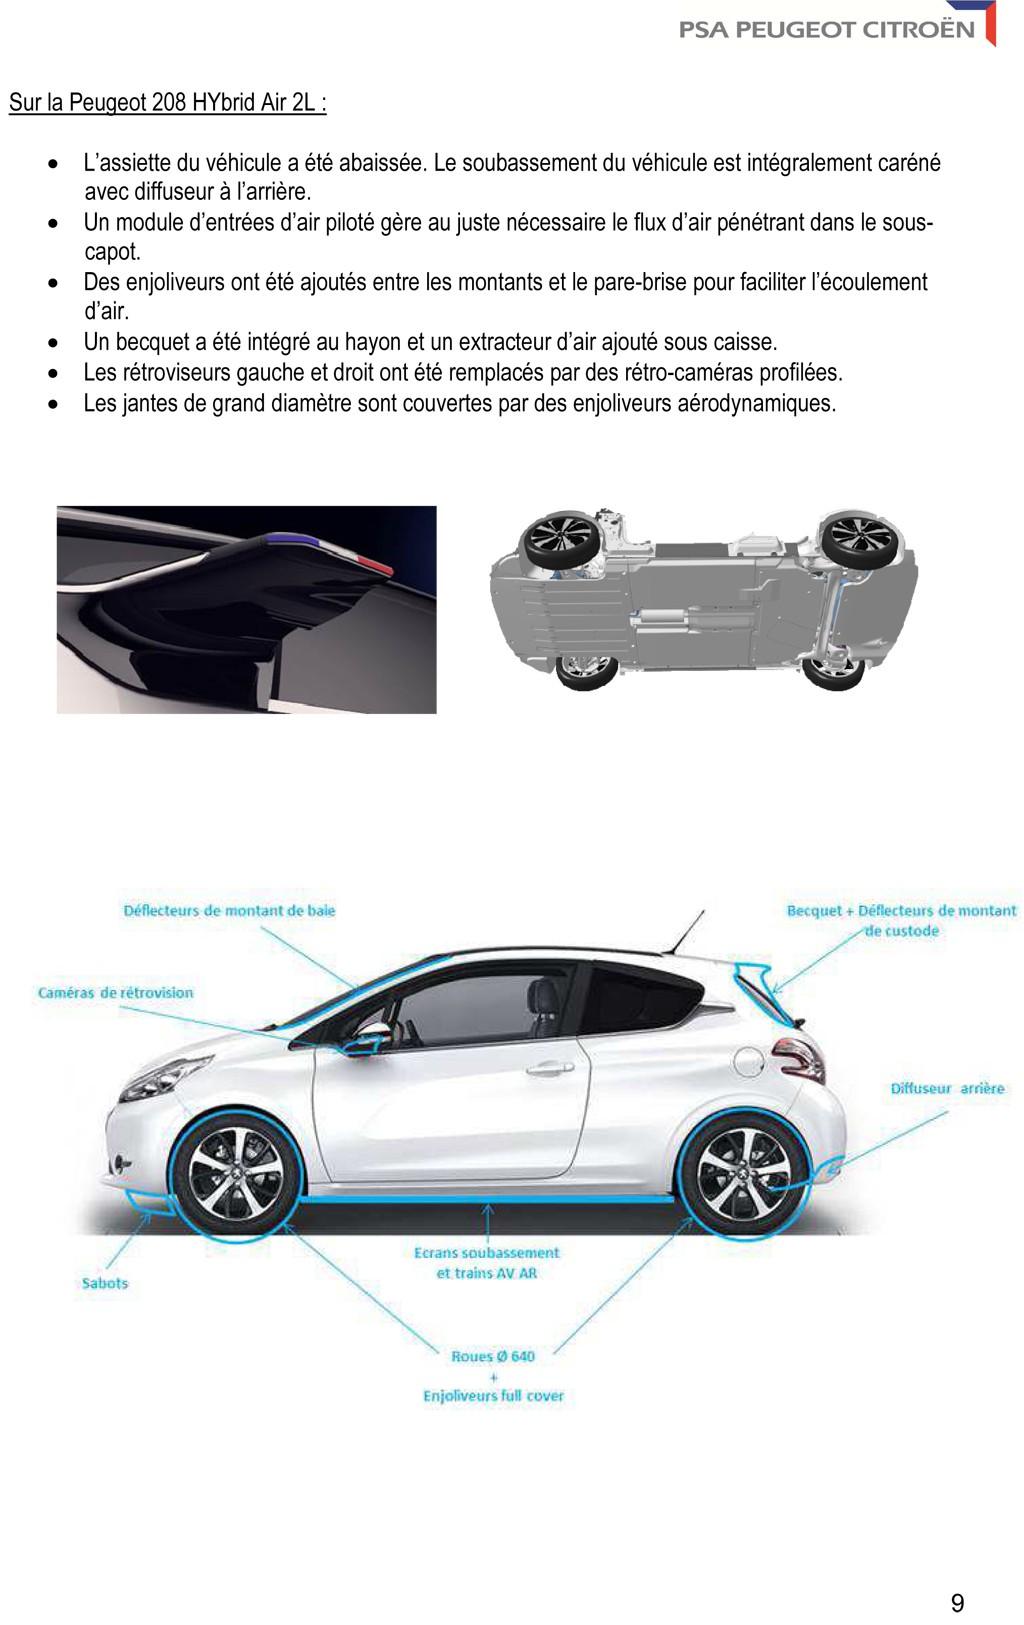 [INFORMATION] PSA: Les nouvelles technologies - Page 4 2014-117